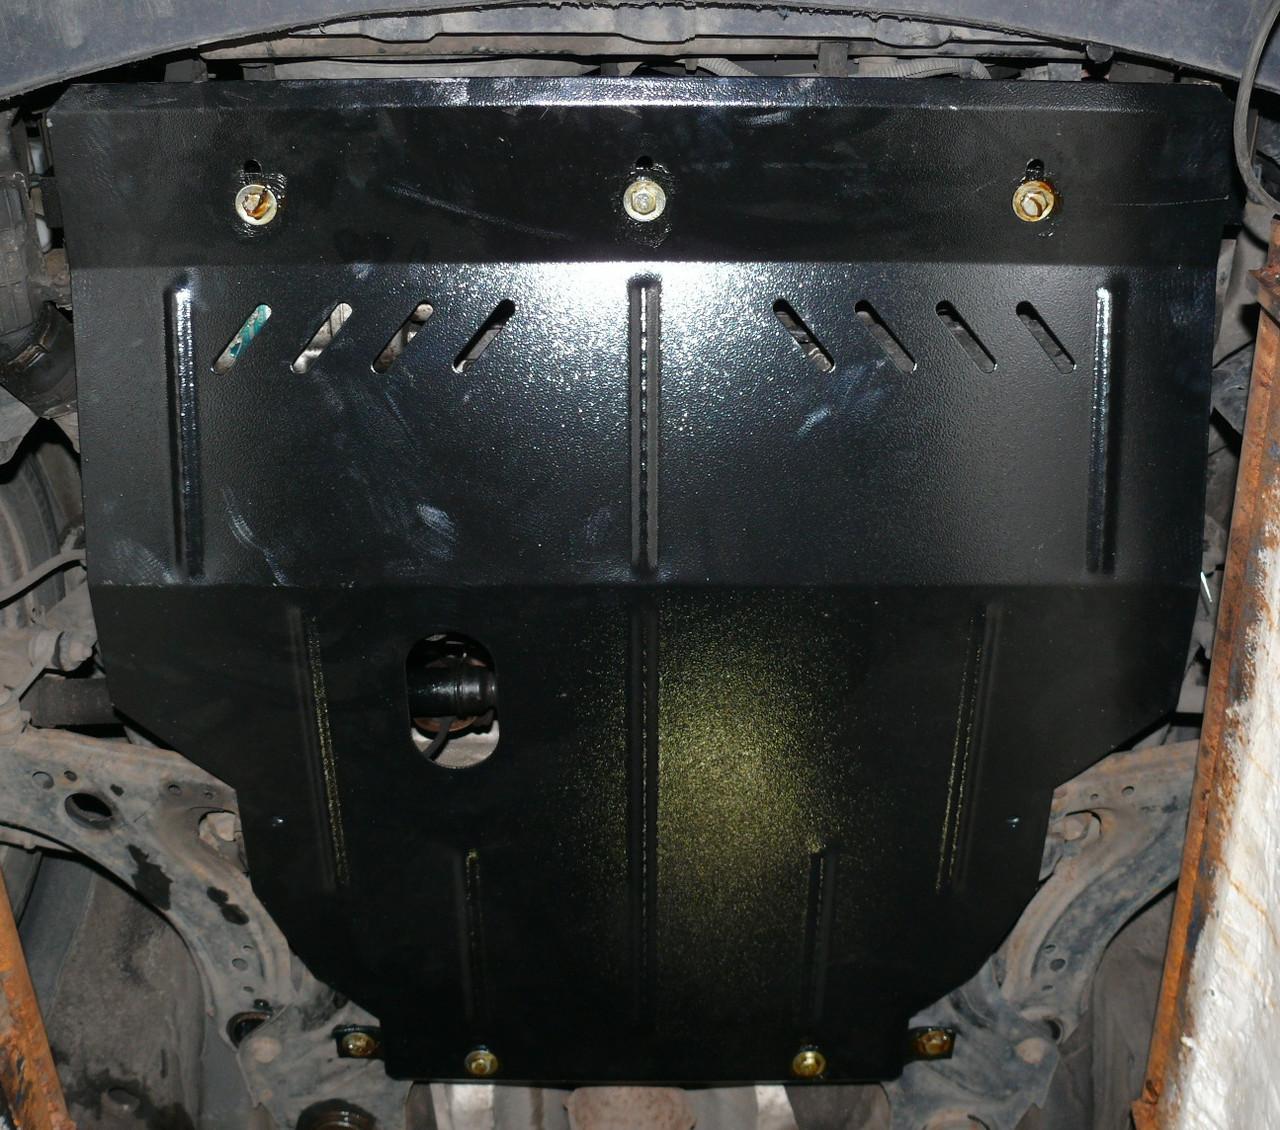 Защита радиатора, двигателя и КПП на Хонда Пилот 2 (Honda Pilot II) 2011-2015 г